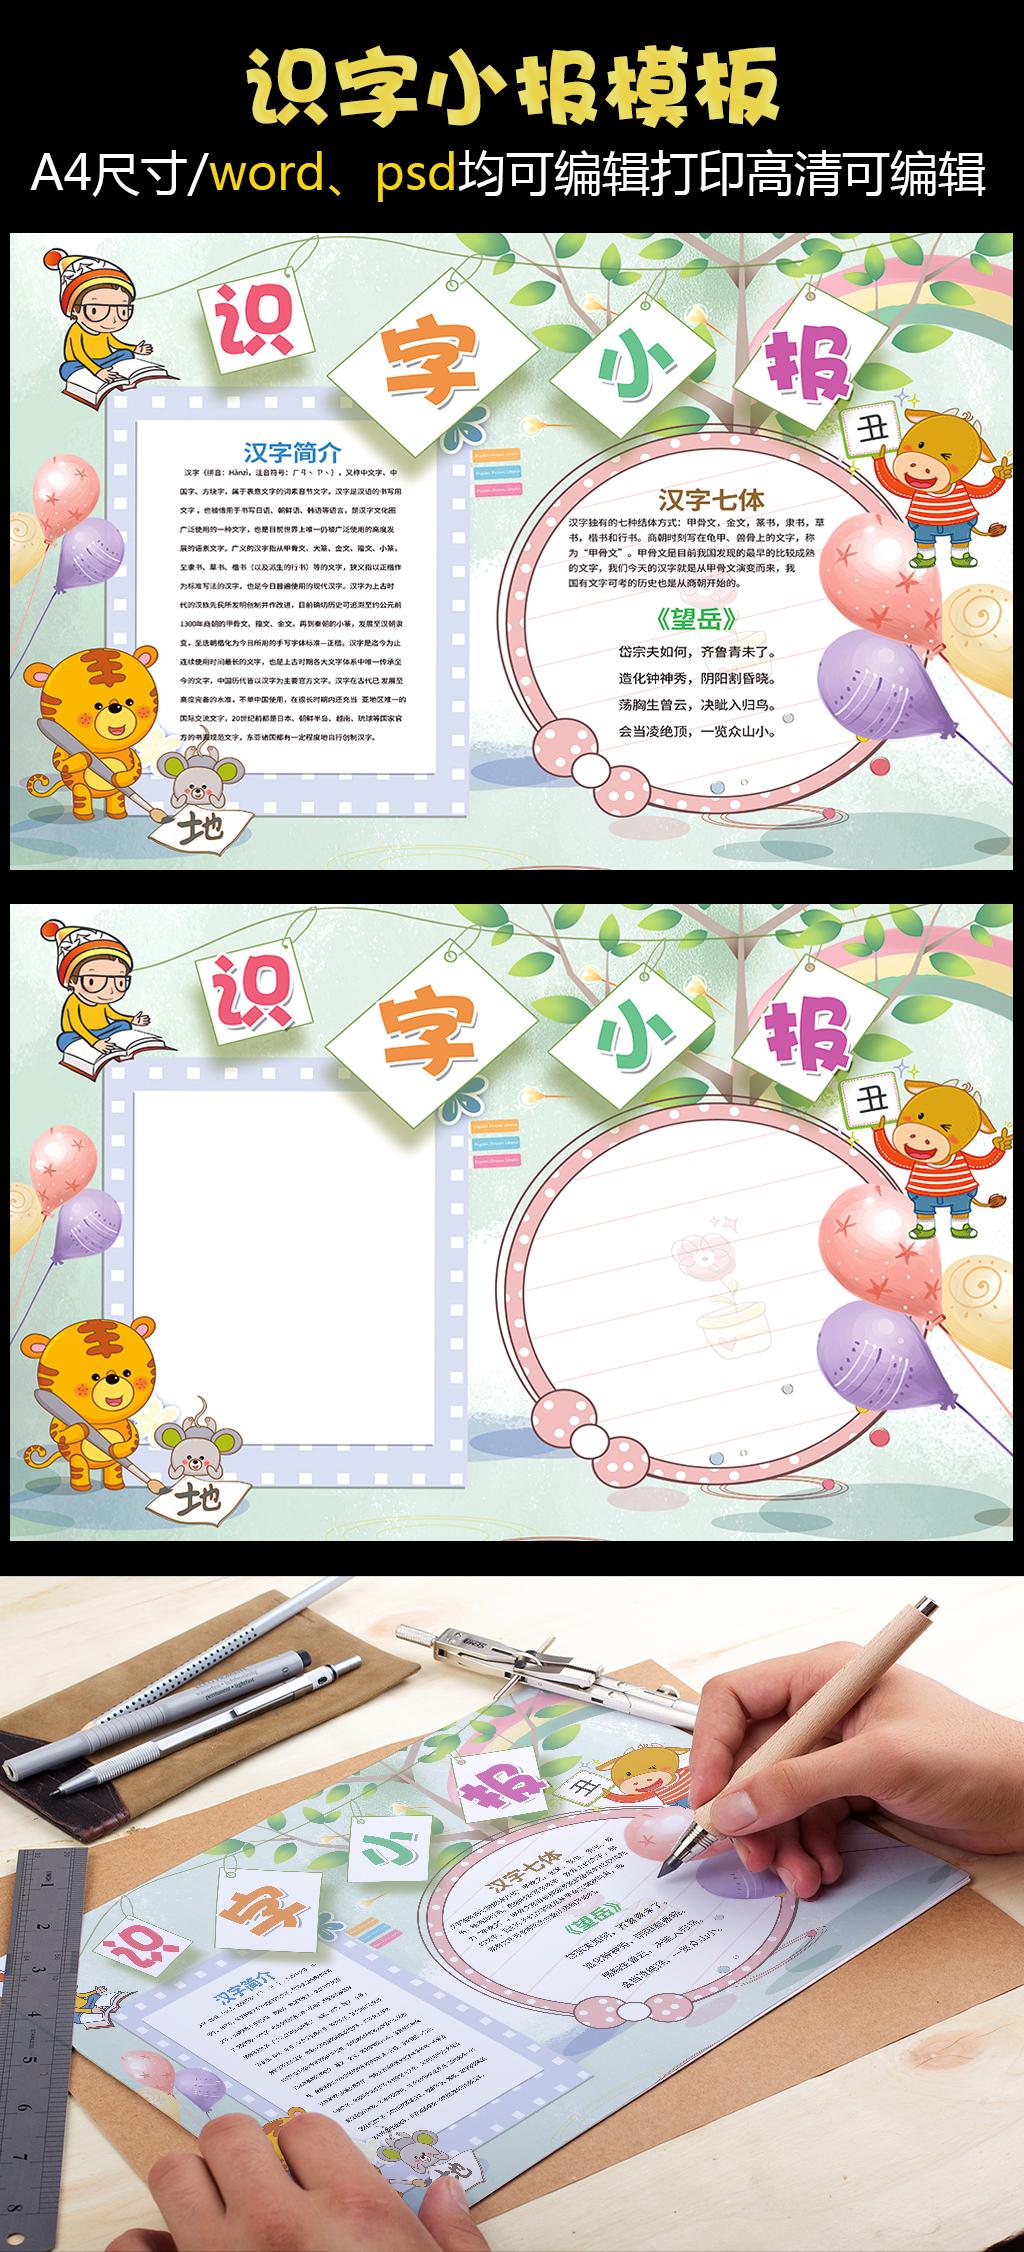 卡通可爱识字小报模板图片素材 PSD分层格式 下载 其他大全 读书手抄报